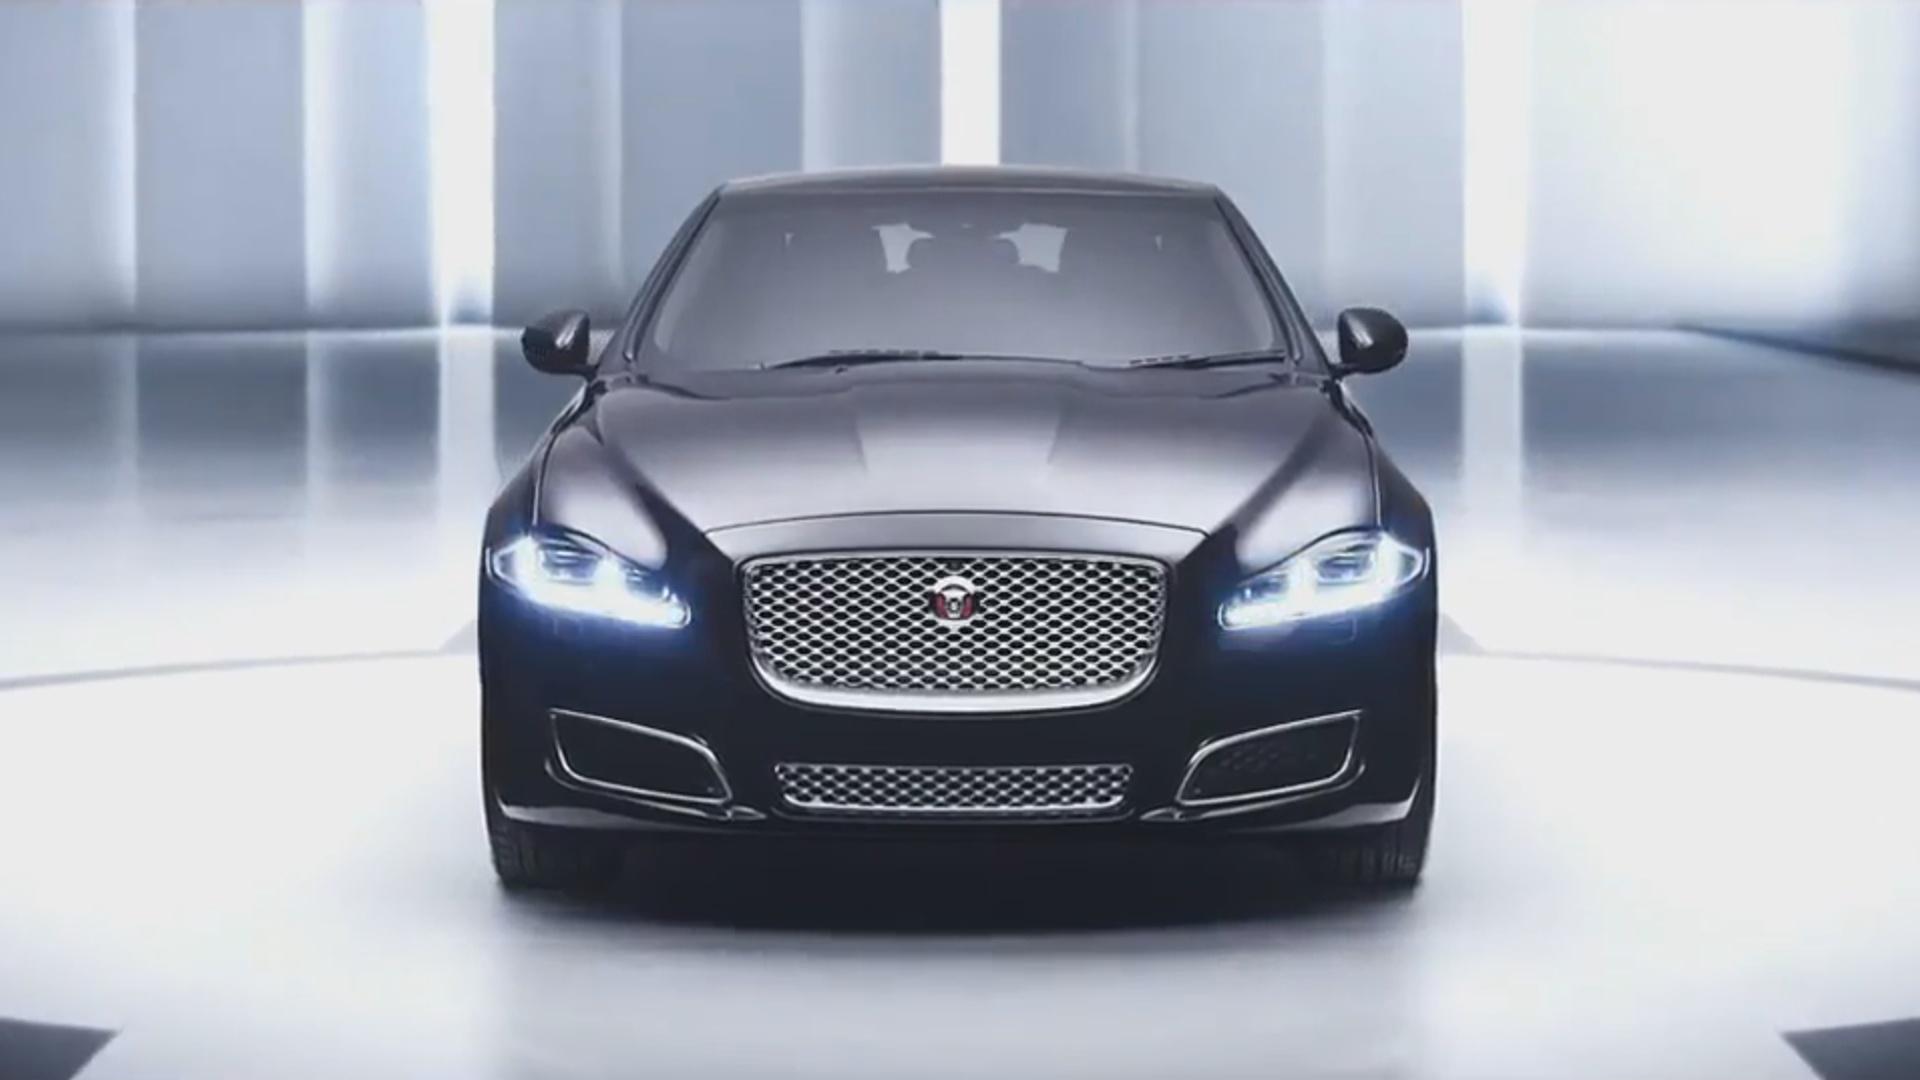 Jaguar 50 illik yubileyi münasibətilə eksklüziv modelini təqdim edib